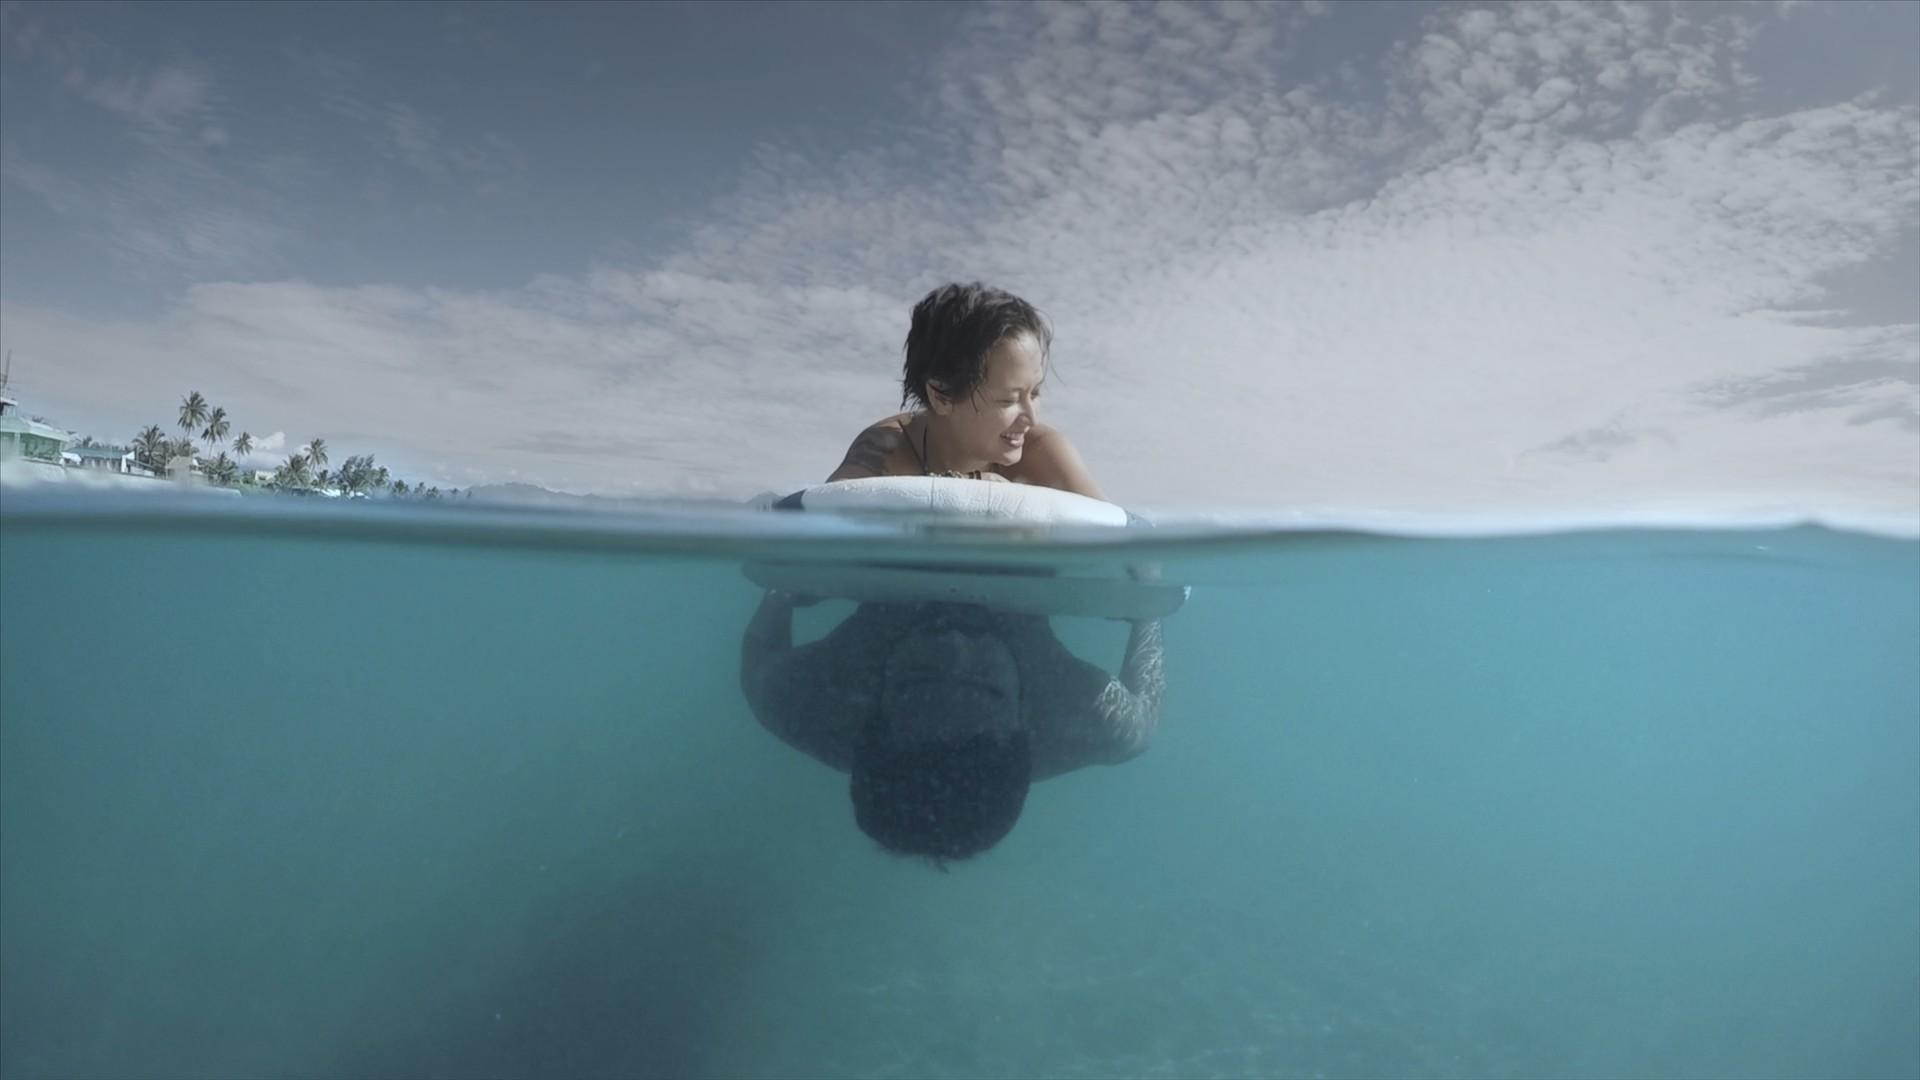 Pięć Smaków jako platforma VOD. Wystartuje najlepsza skarbnica azjatyckiego kina